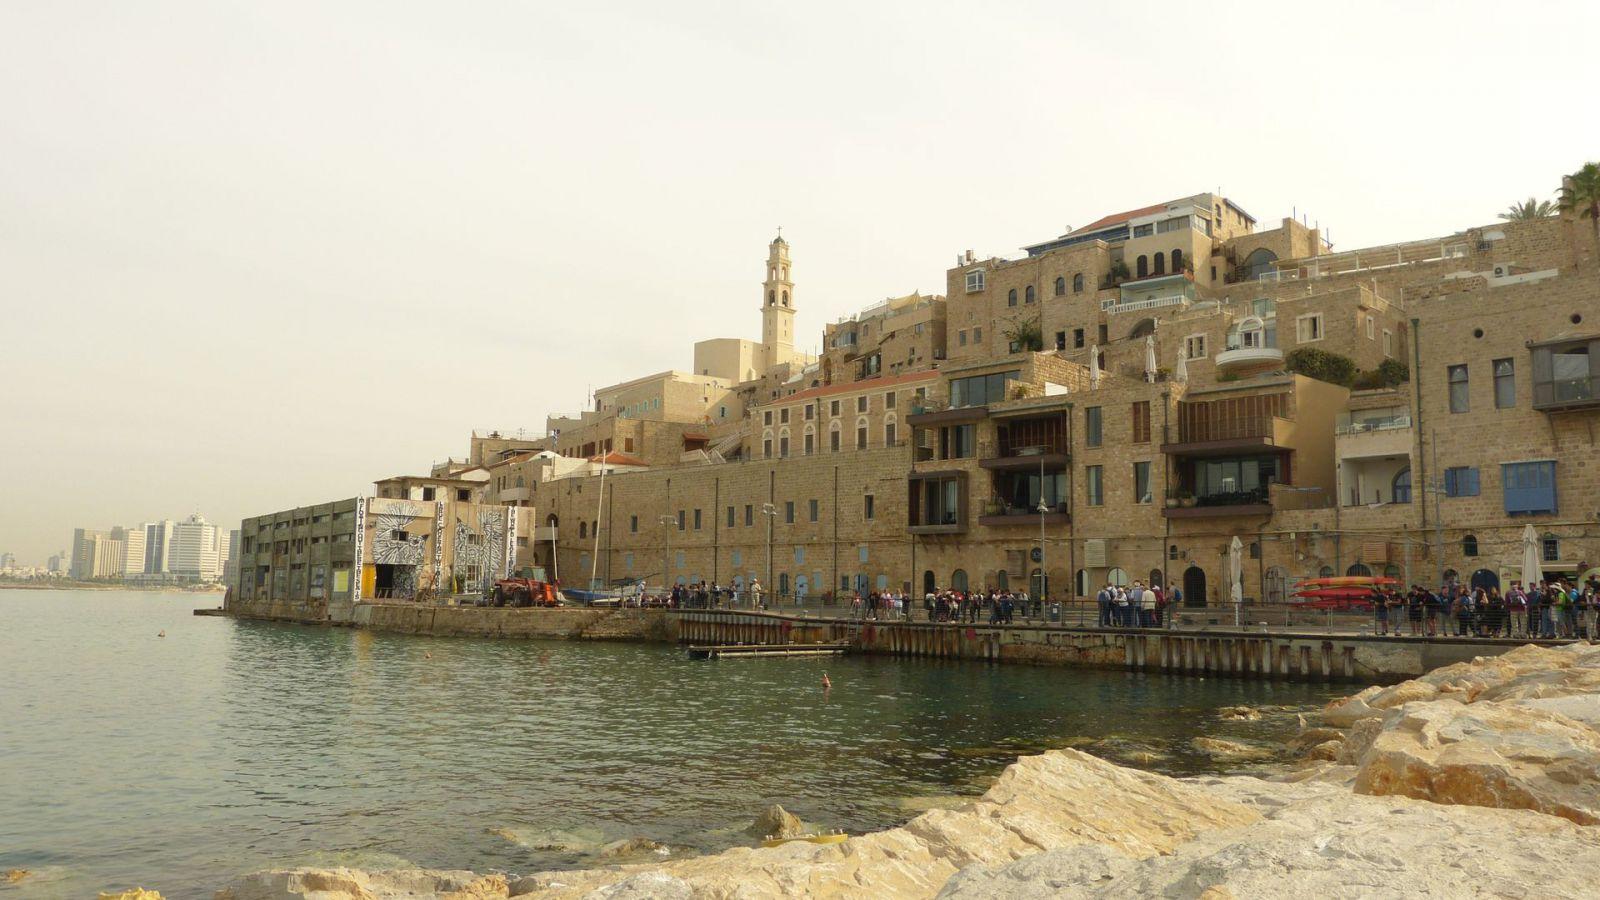 Jaffa - Old Jaffa